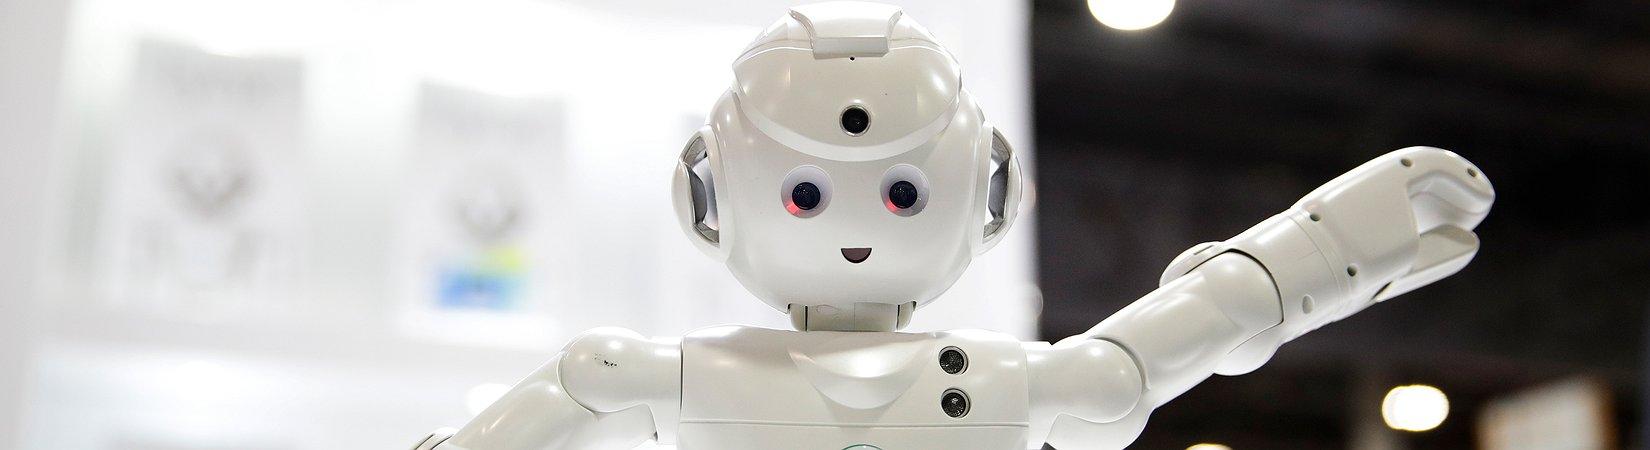 Всё, что нужно знать об искусственном интеллекте